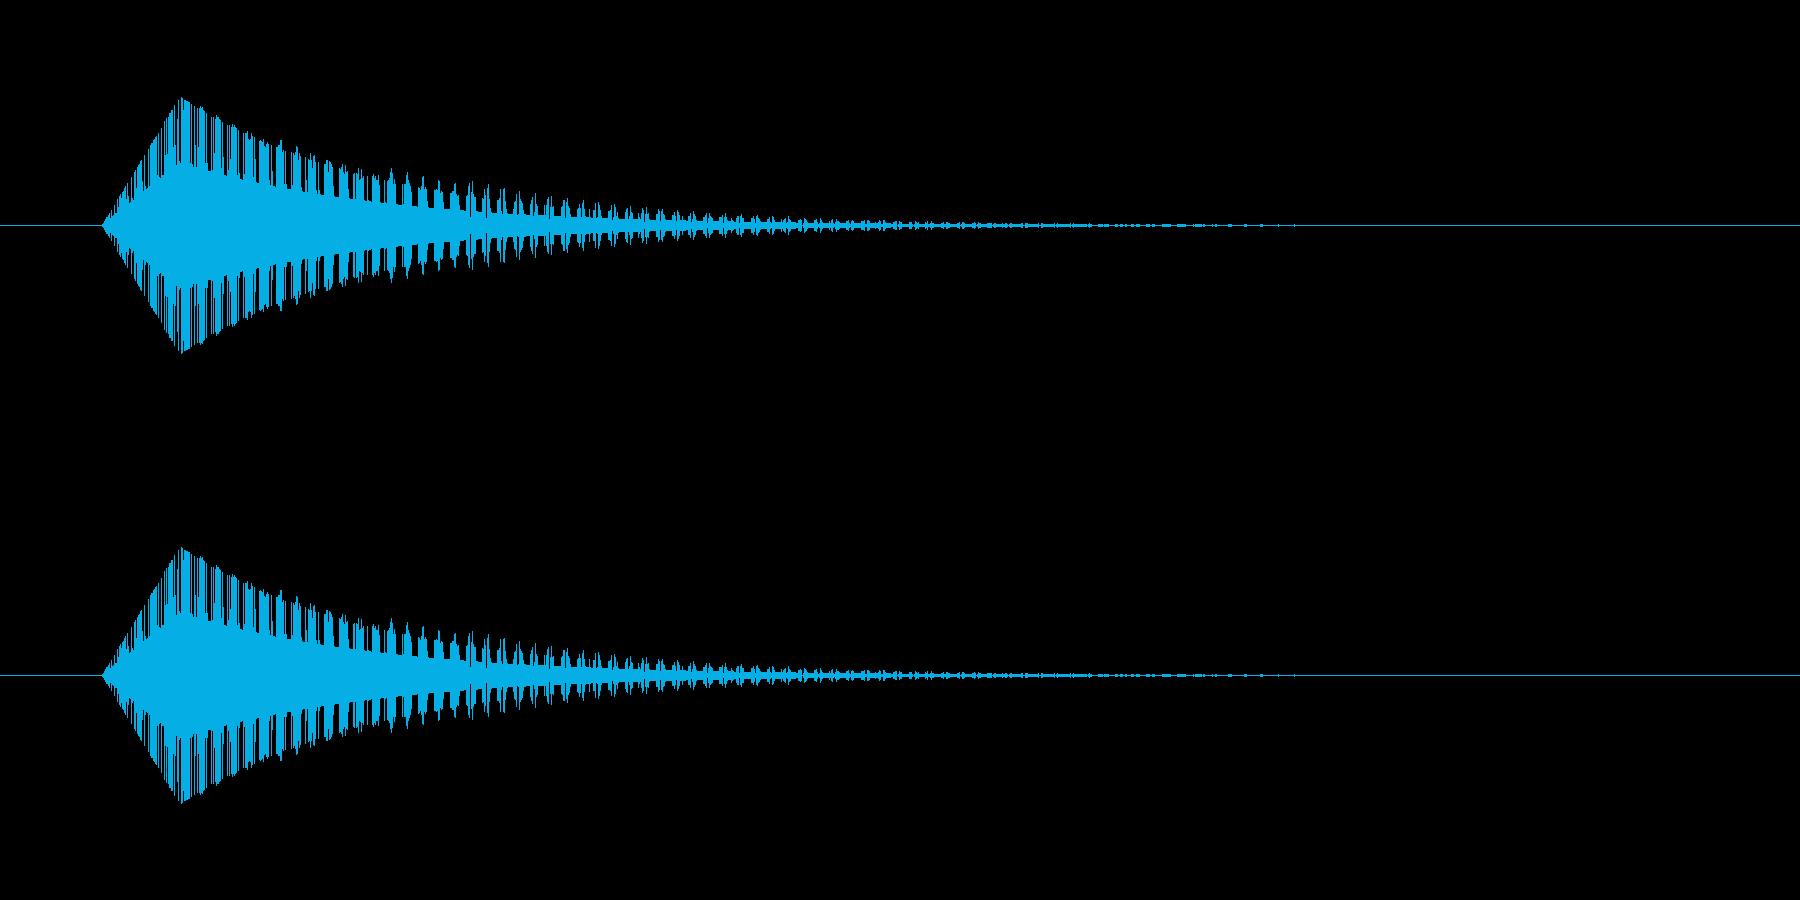 ギュイーン レトロゲーム風 魔法の再生済みの波形